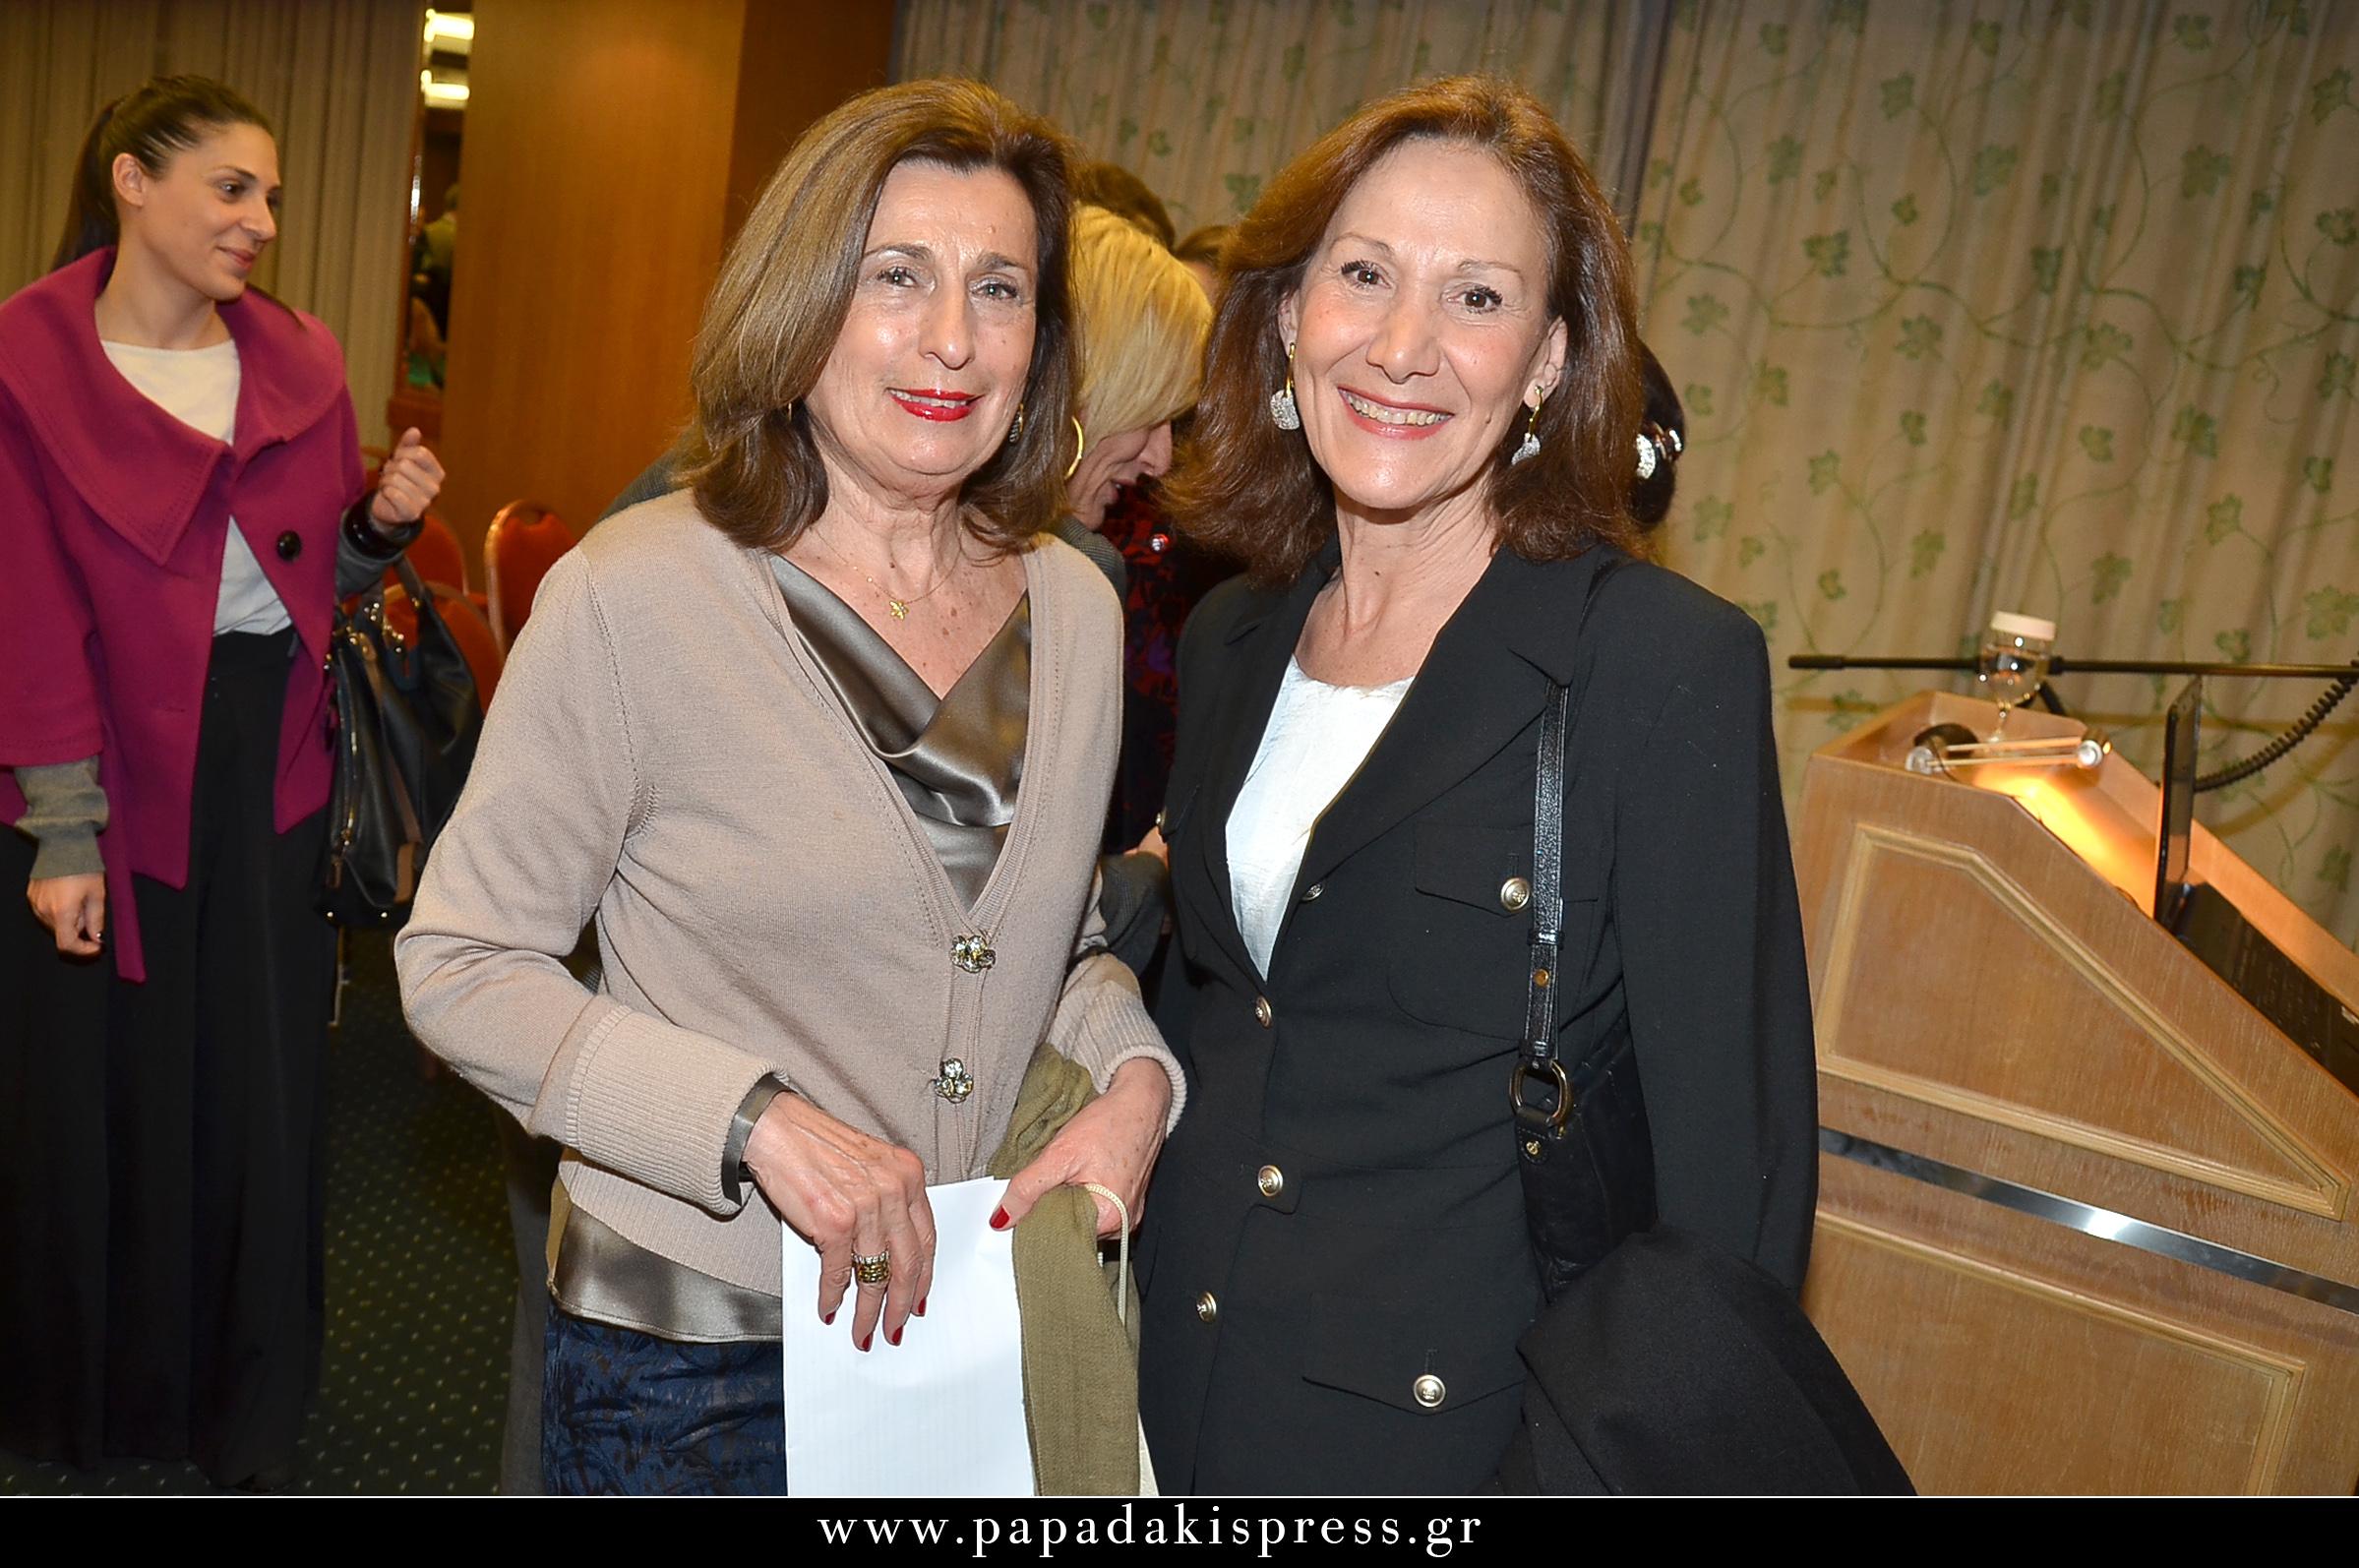 Μαίρη Μπόλα, Μαρκέλα Μαυριδόγλου